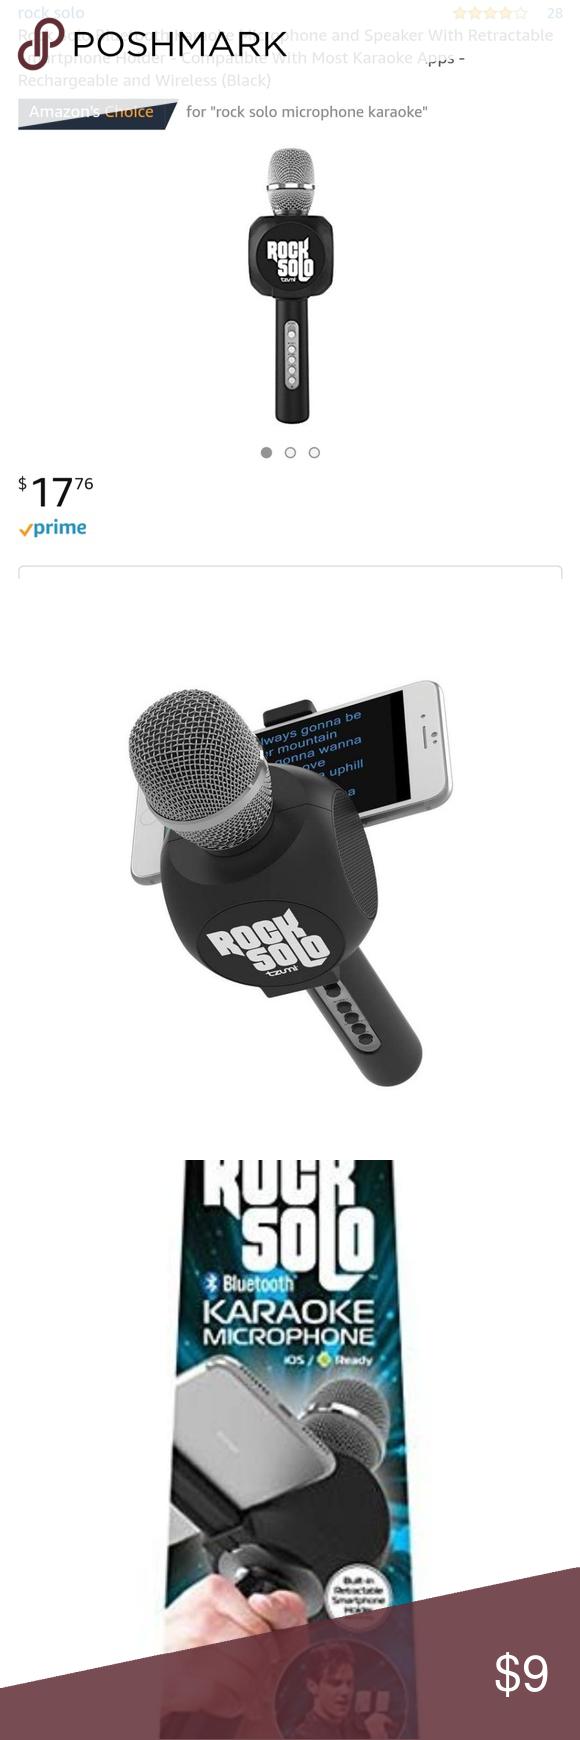 Rock solo bluetooth karaoke mic and speaker Karaoke